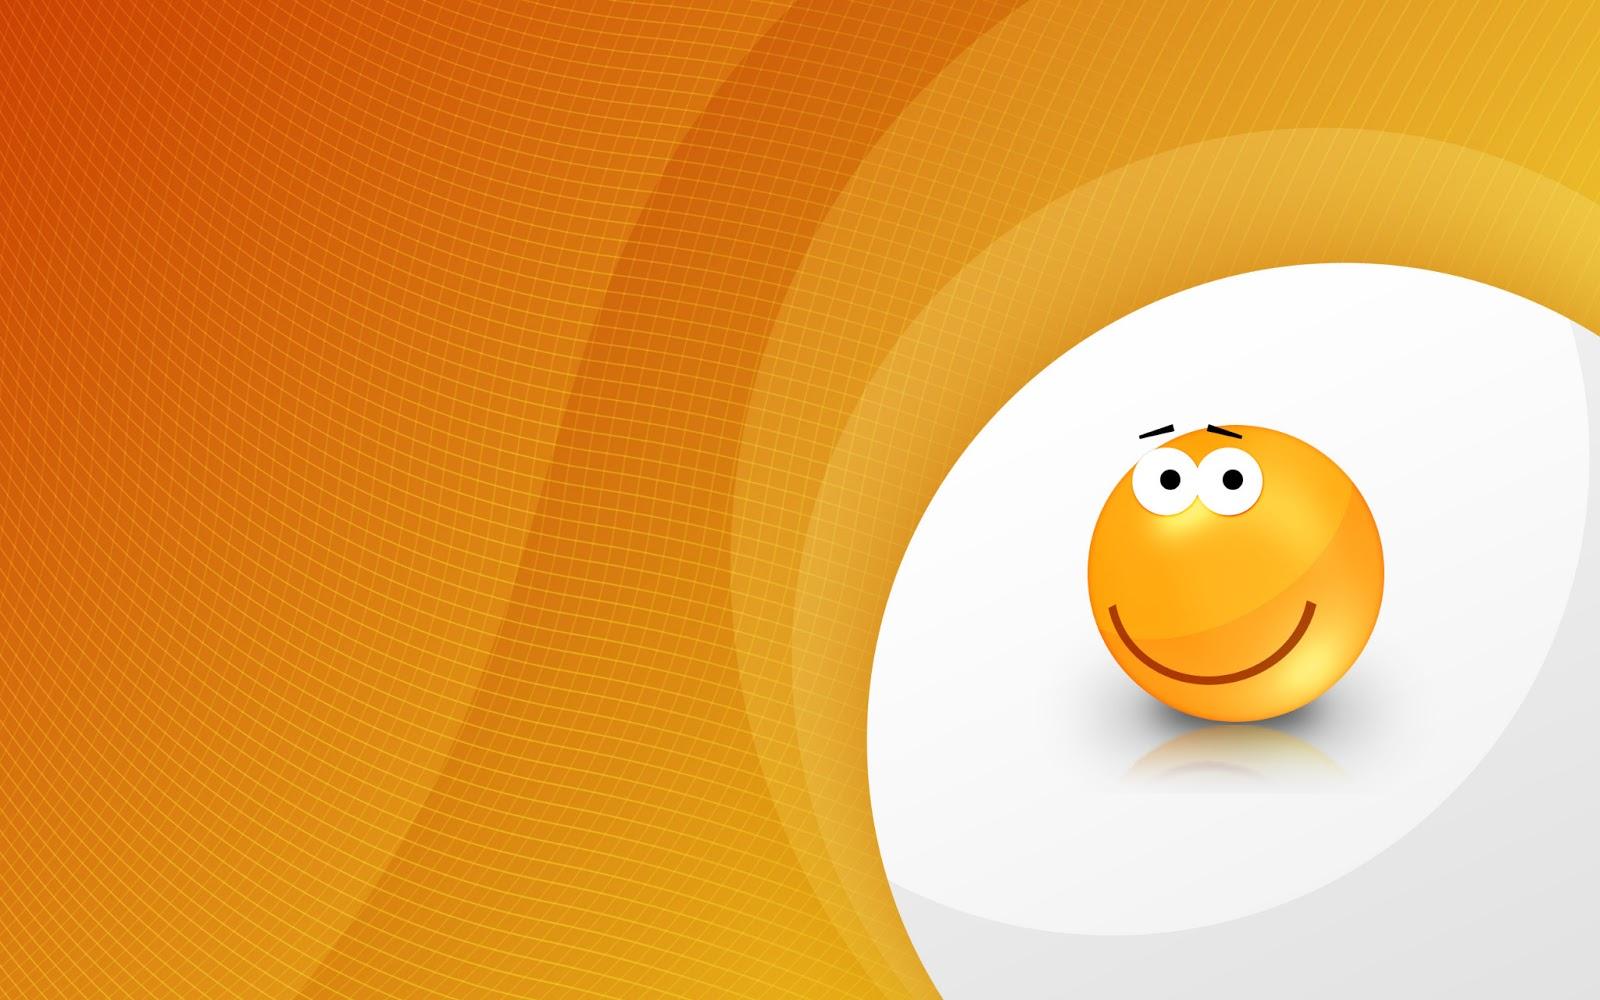 http://1.bp.blogspot.com/-cwvRs2xQqto/UQ52SQC3BaI/AAAAAAAAF1I/M6ATREoJ5UM/s1600/orange_smiley_wallpaper_for_desktop_pc.jpg